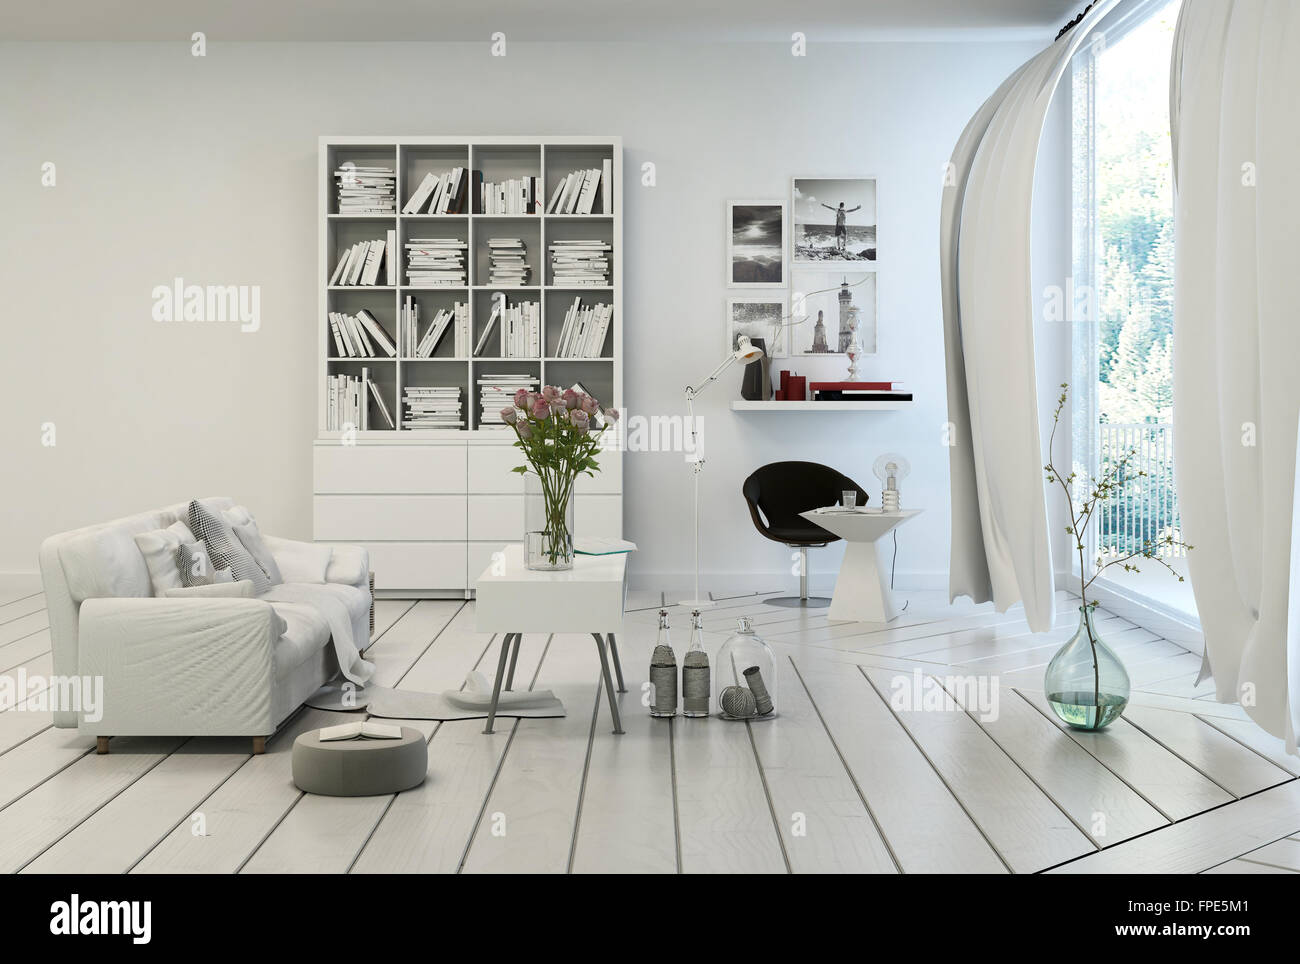 Fußboden Modern ~ Kompakte moderne weiße wohnzimmer interieur mit weiß lackierten